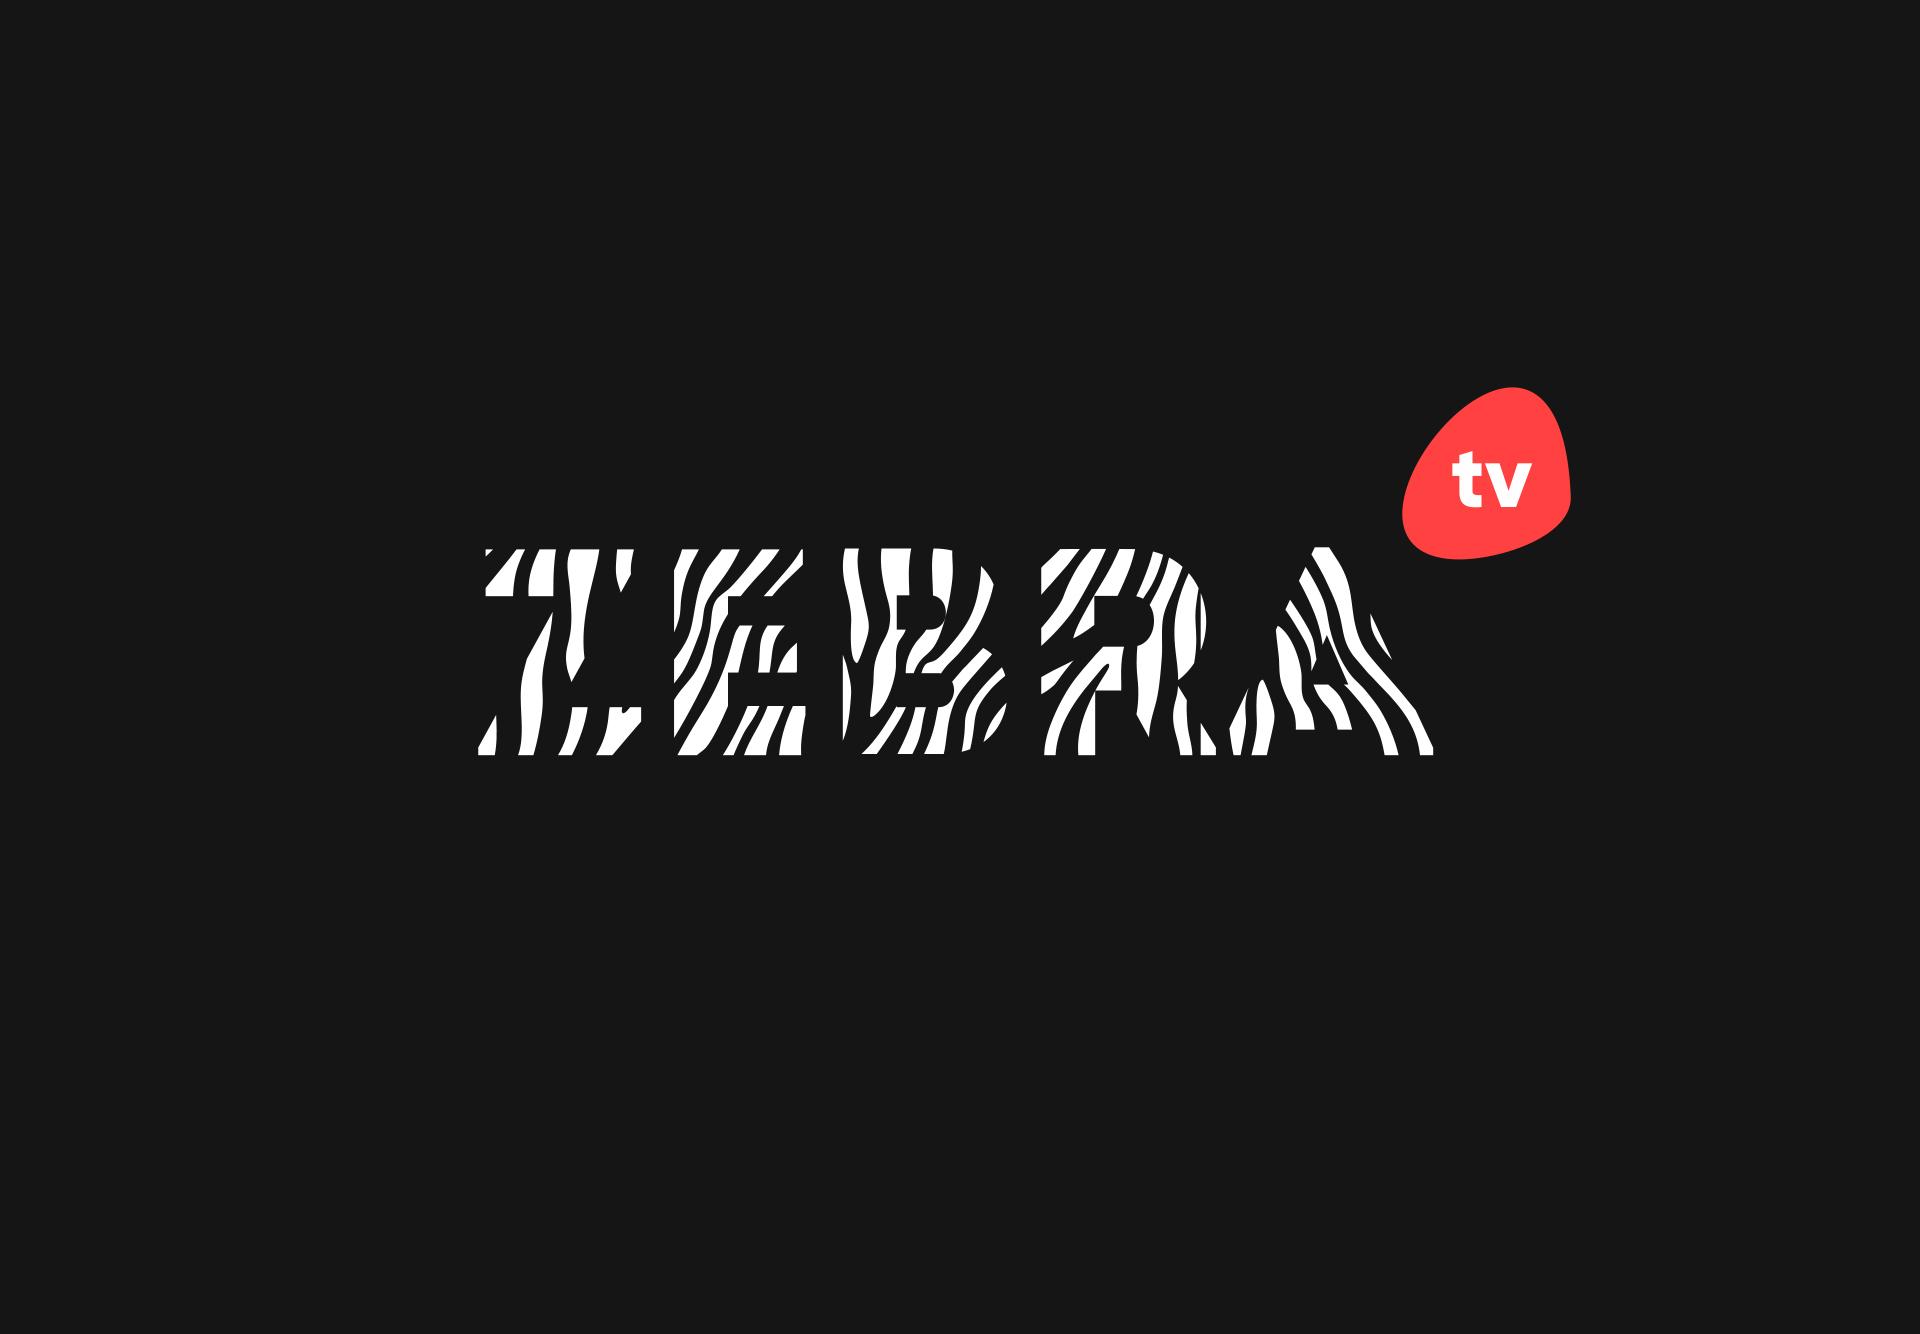 Zebra tv